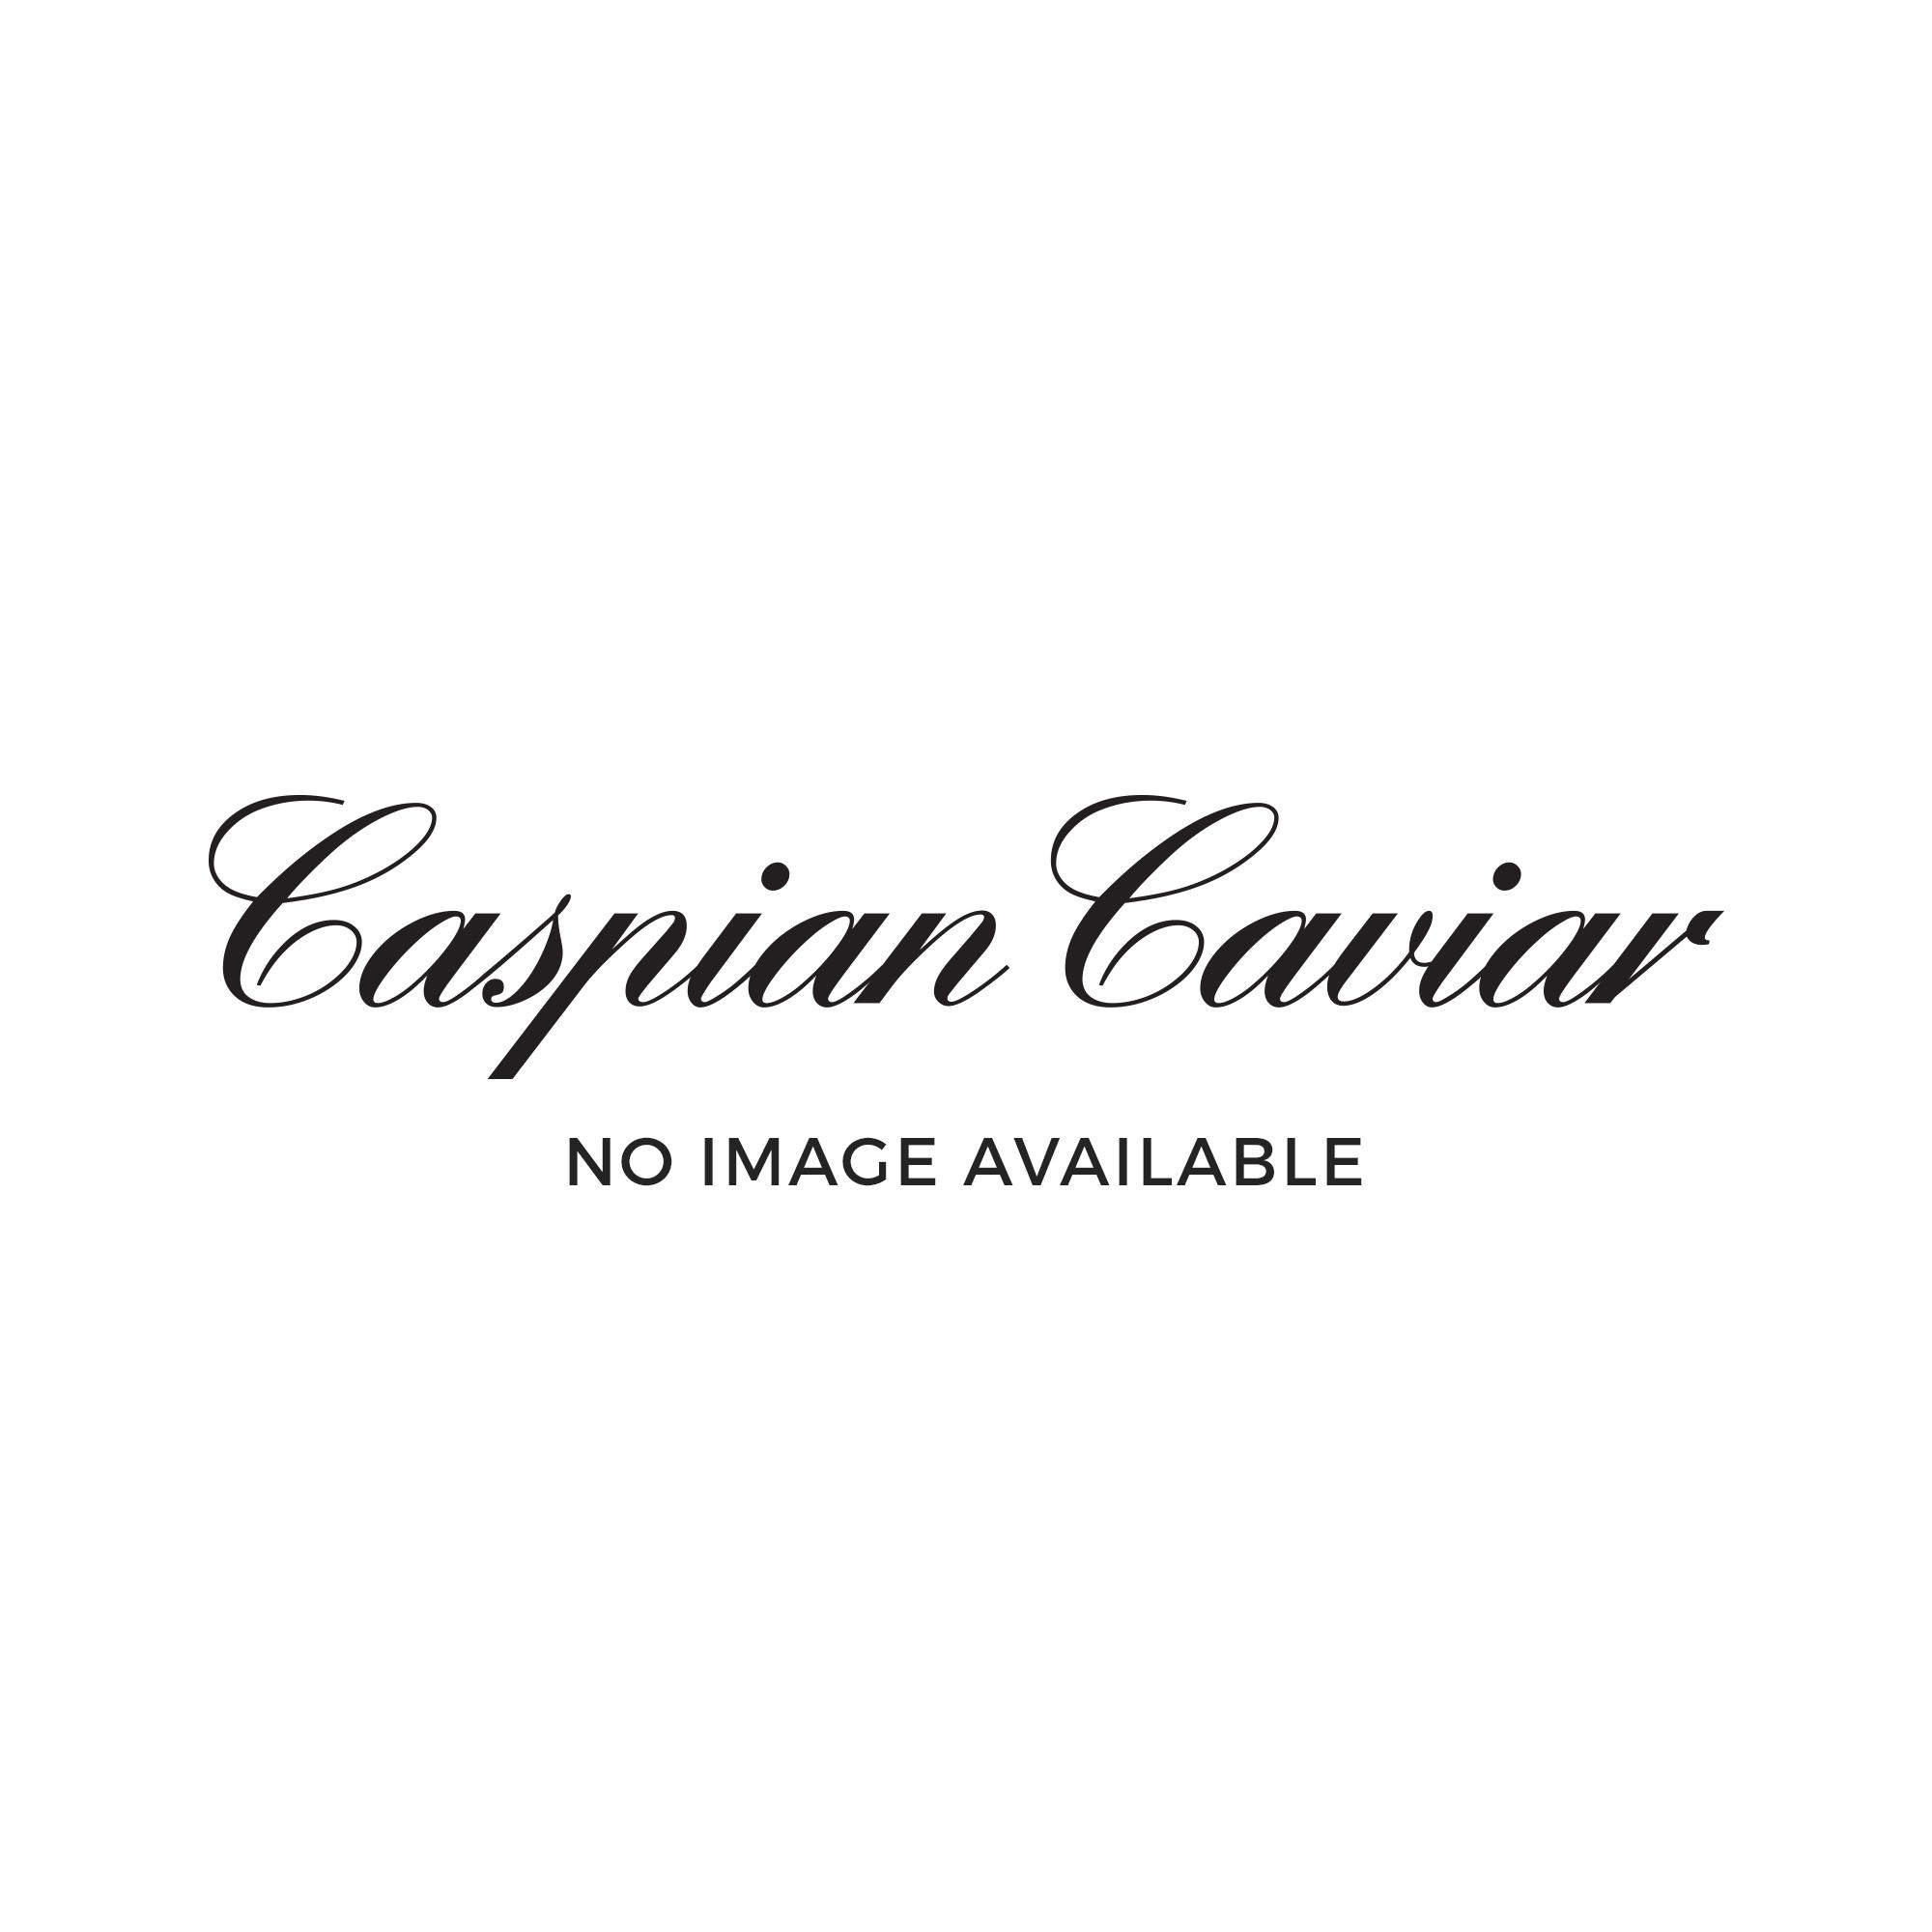 Caspian Caviar Caspian Caviar Trilogy 125g